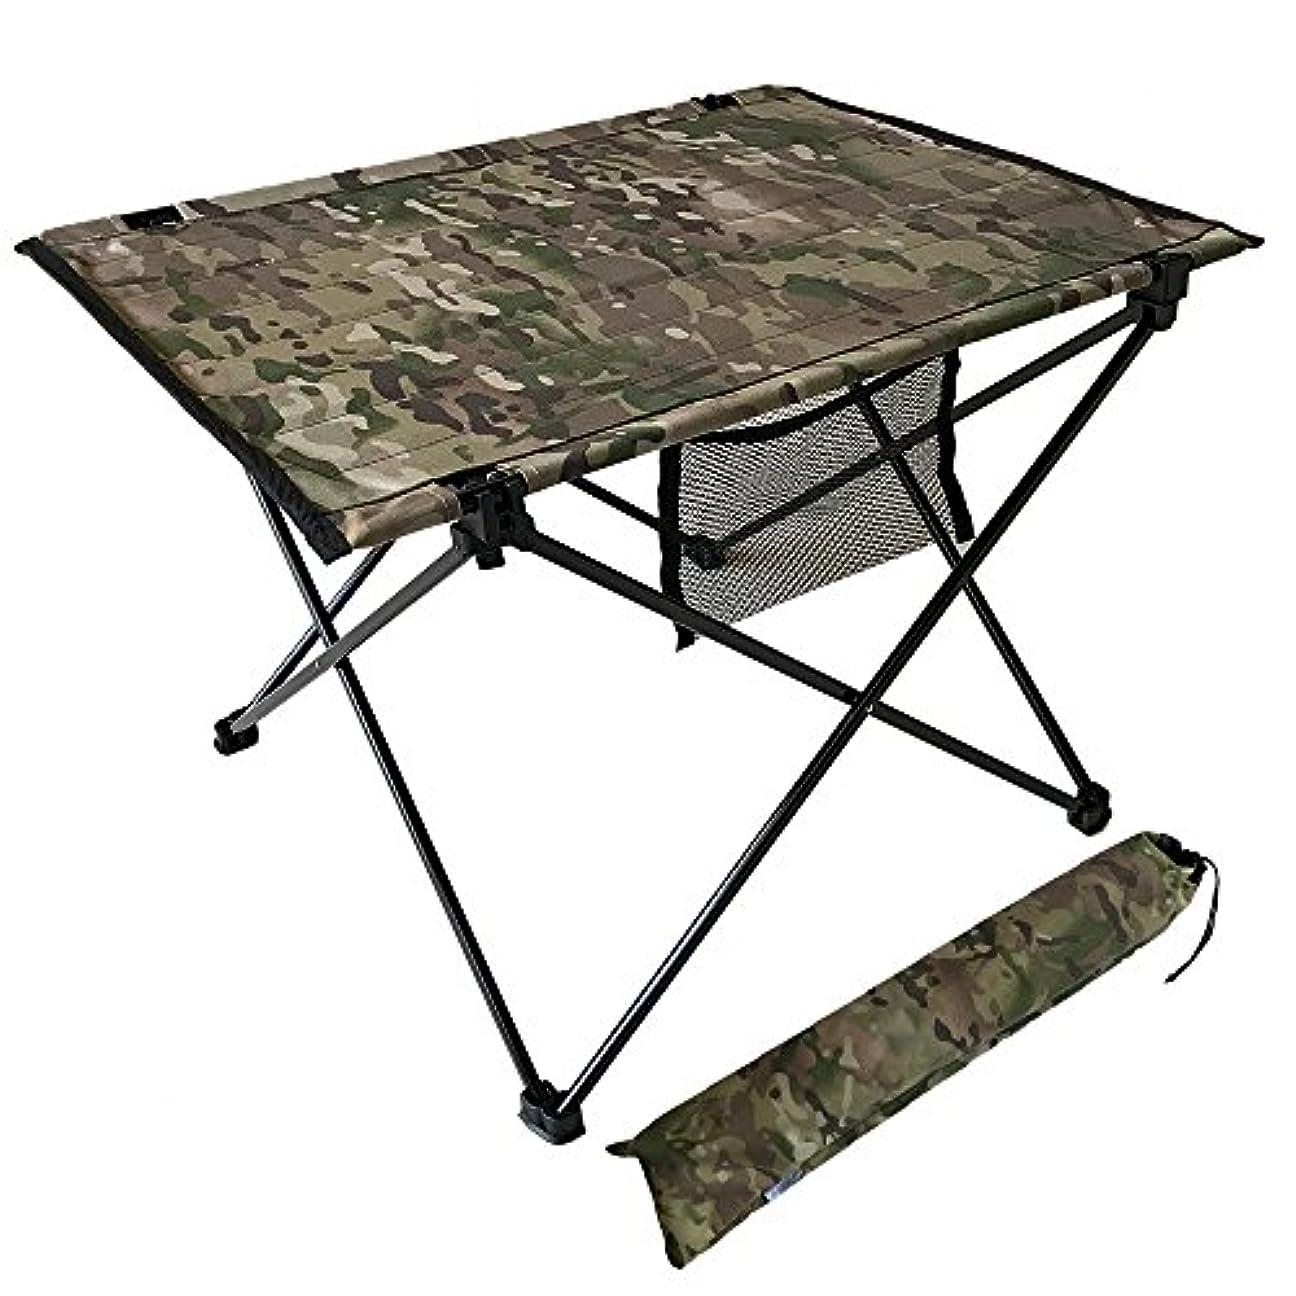 続ける好奇心枯れるcravate アウトドアテーブル キャンプテーブル 折りたたみ コンパクト 軽量 耐荷重20KG